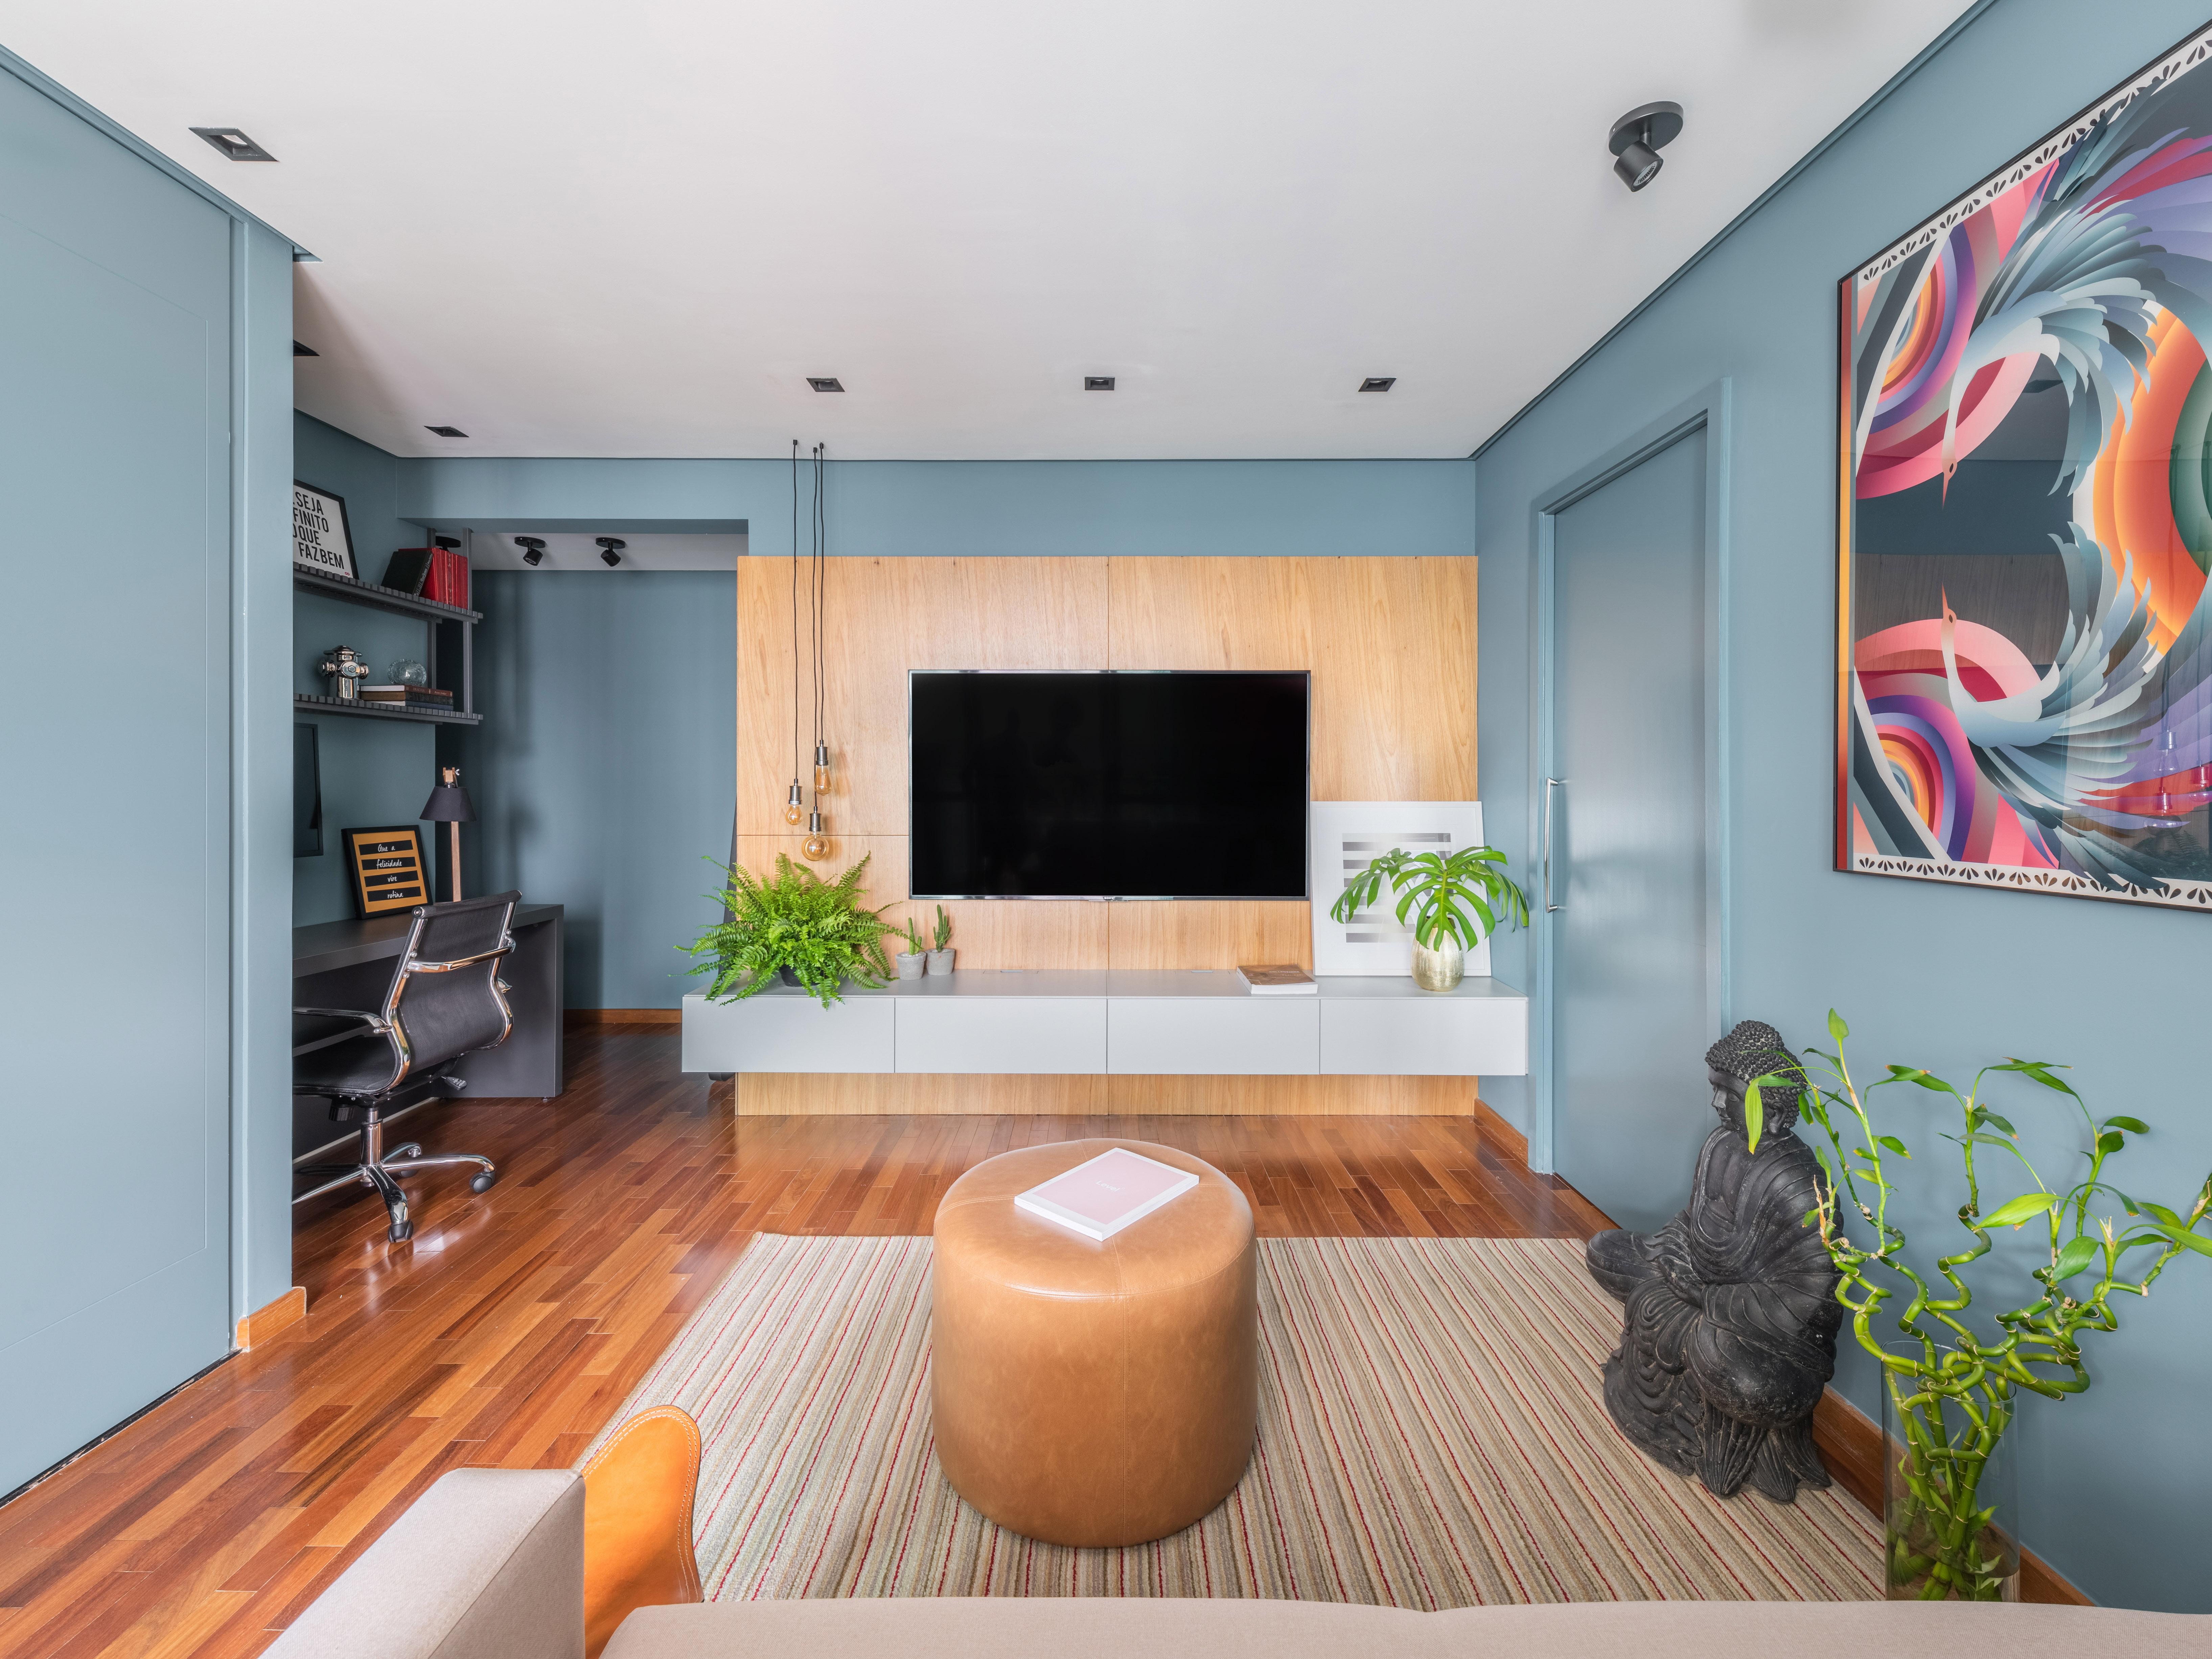 Ao lado esquerdo, destaque para o espaço de home office. E do lado direito, o cantinho zen do apartamento.